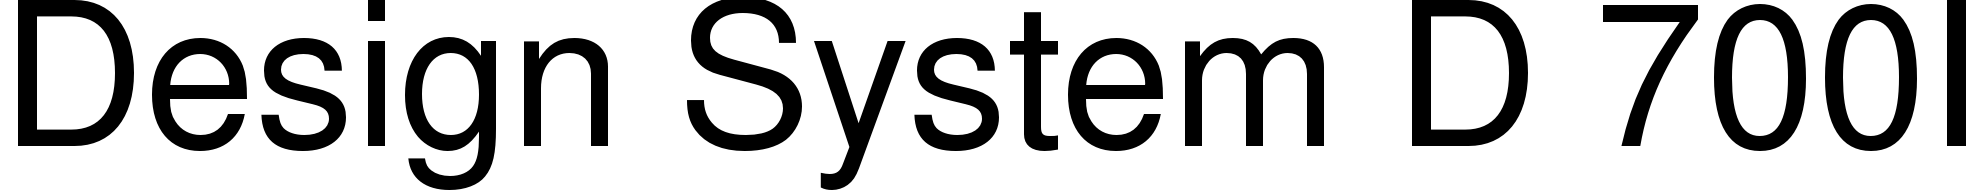 Design System D 700I